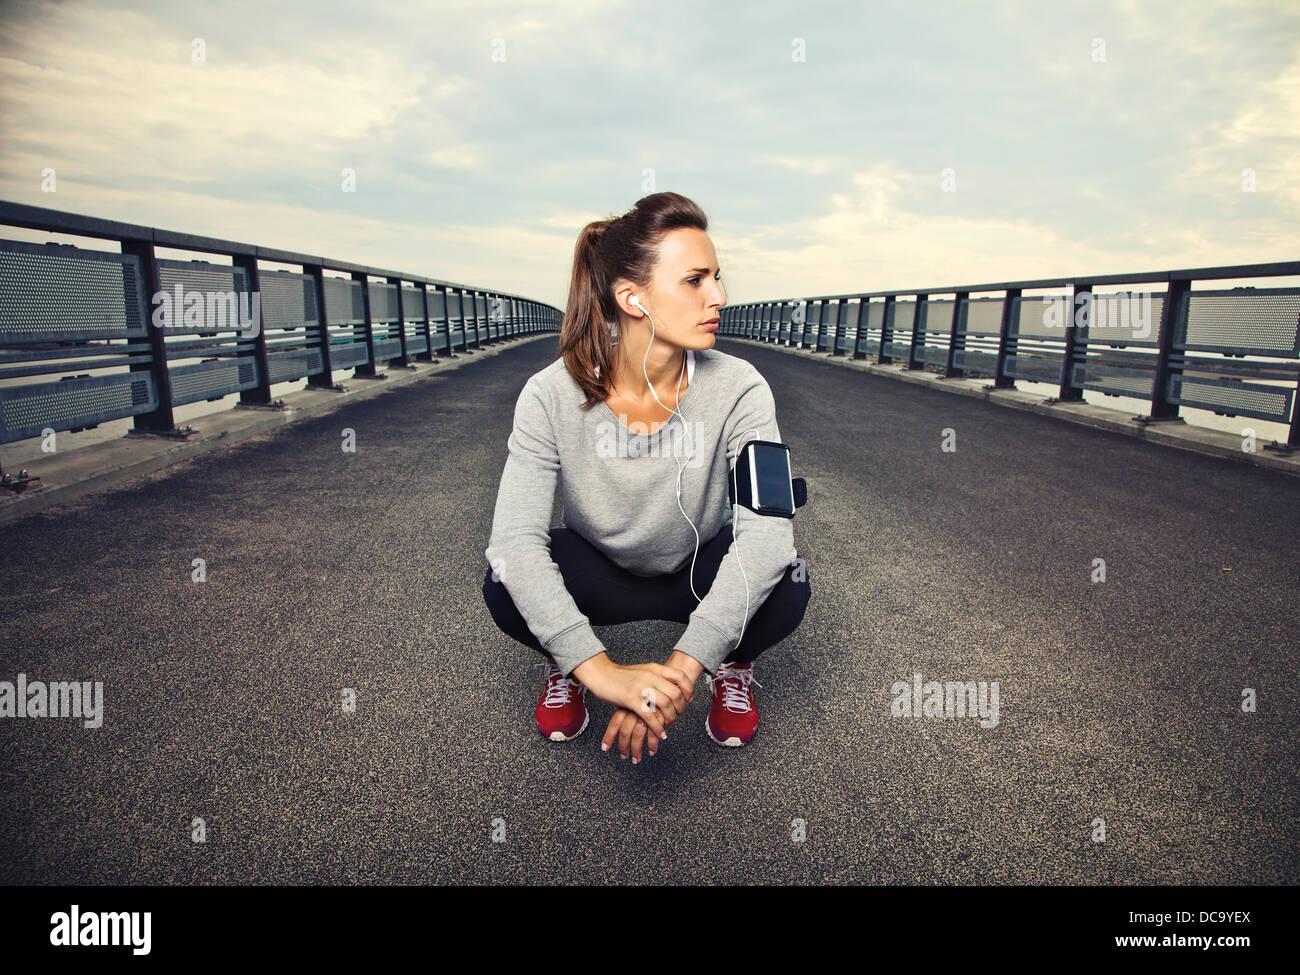 Coureuse assis sur le pont après l'exécution Photo Stock